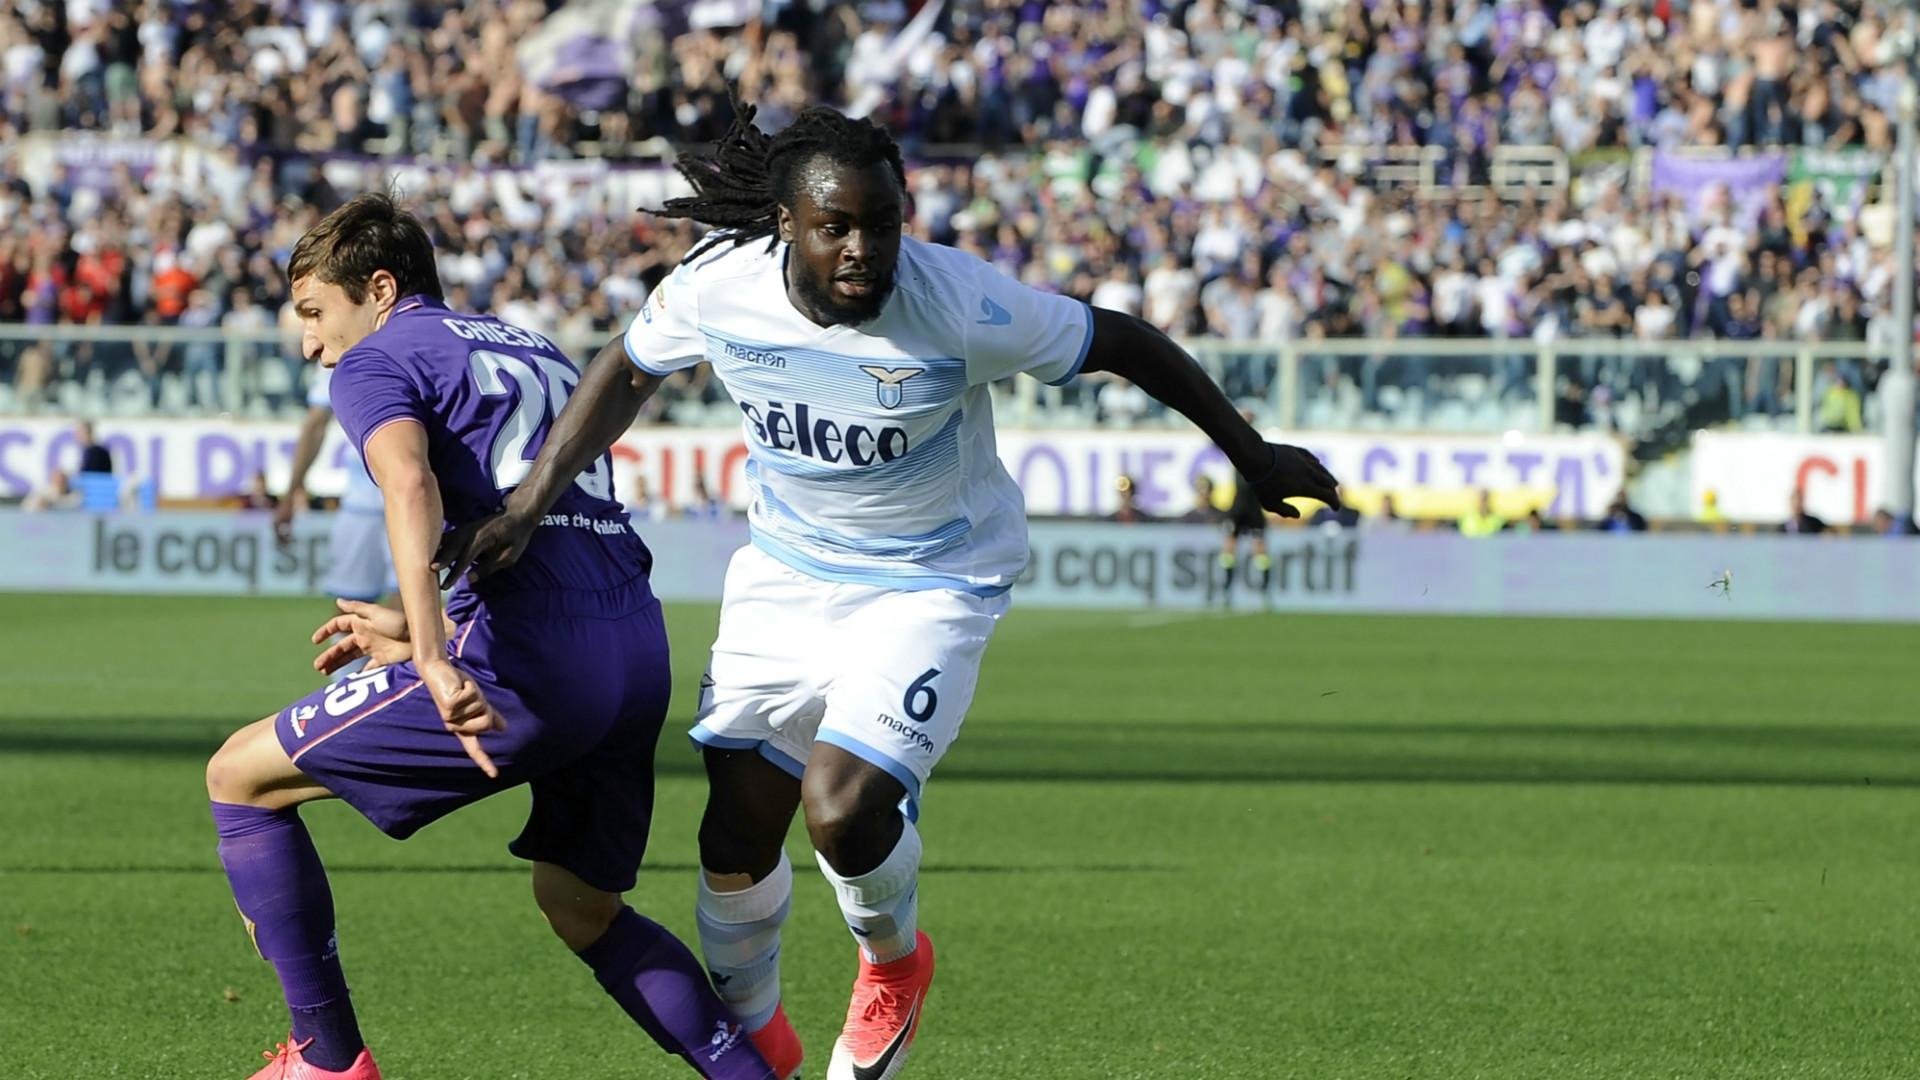 Jordan Lukaku Fiorentina Lazio Serie A